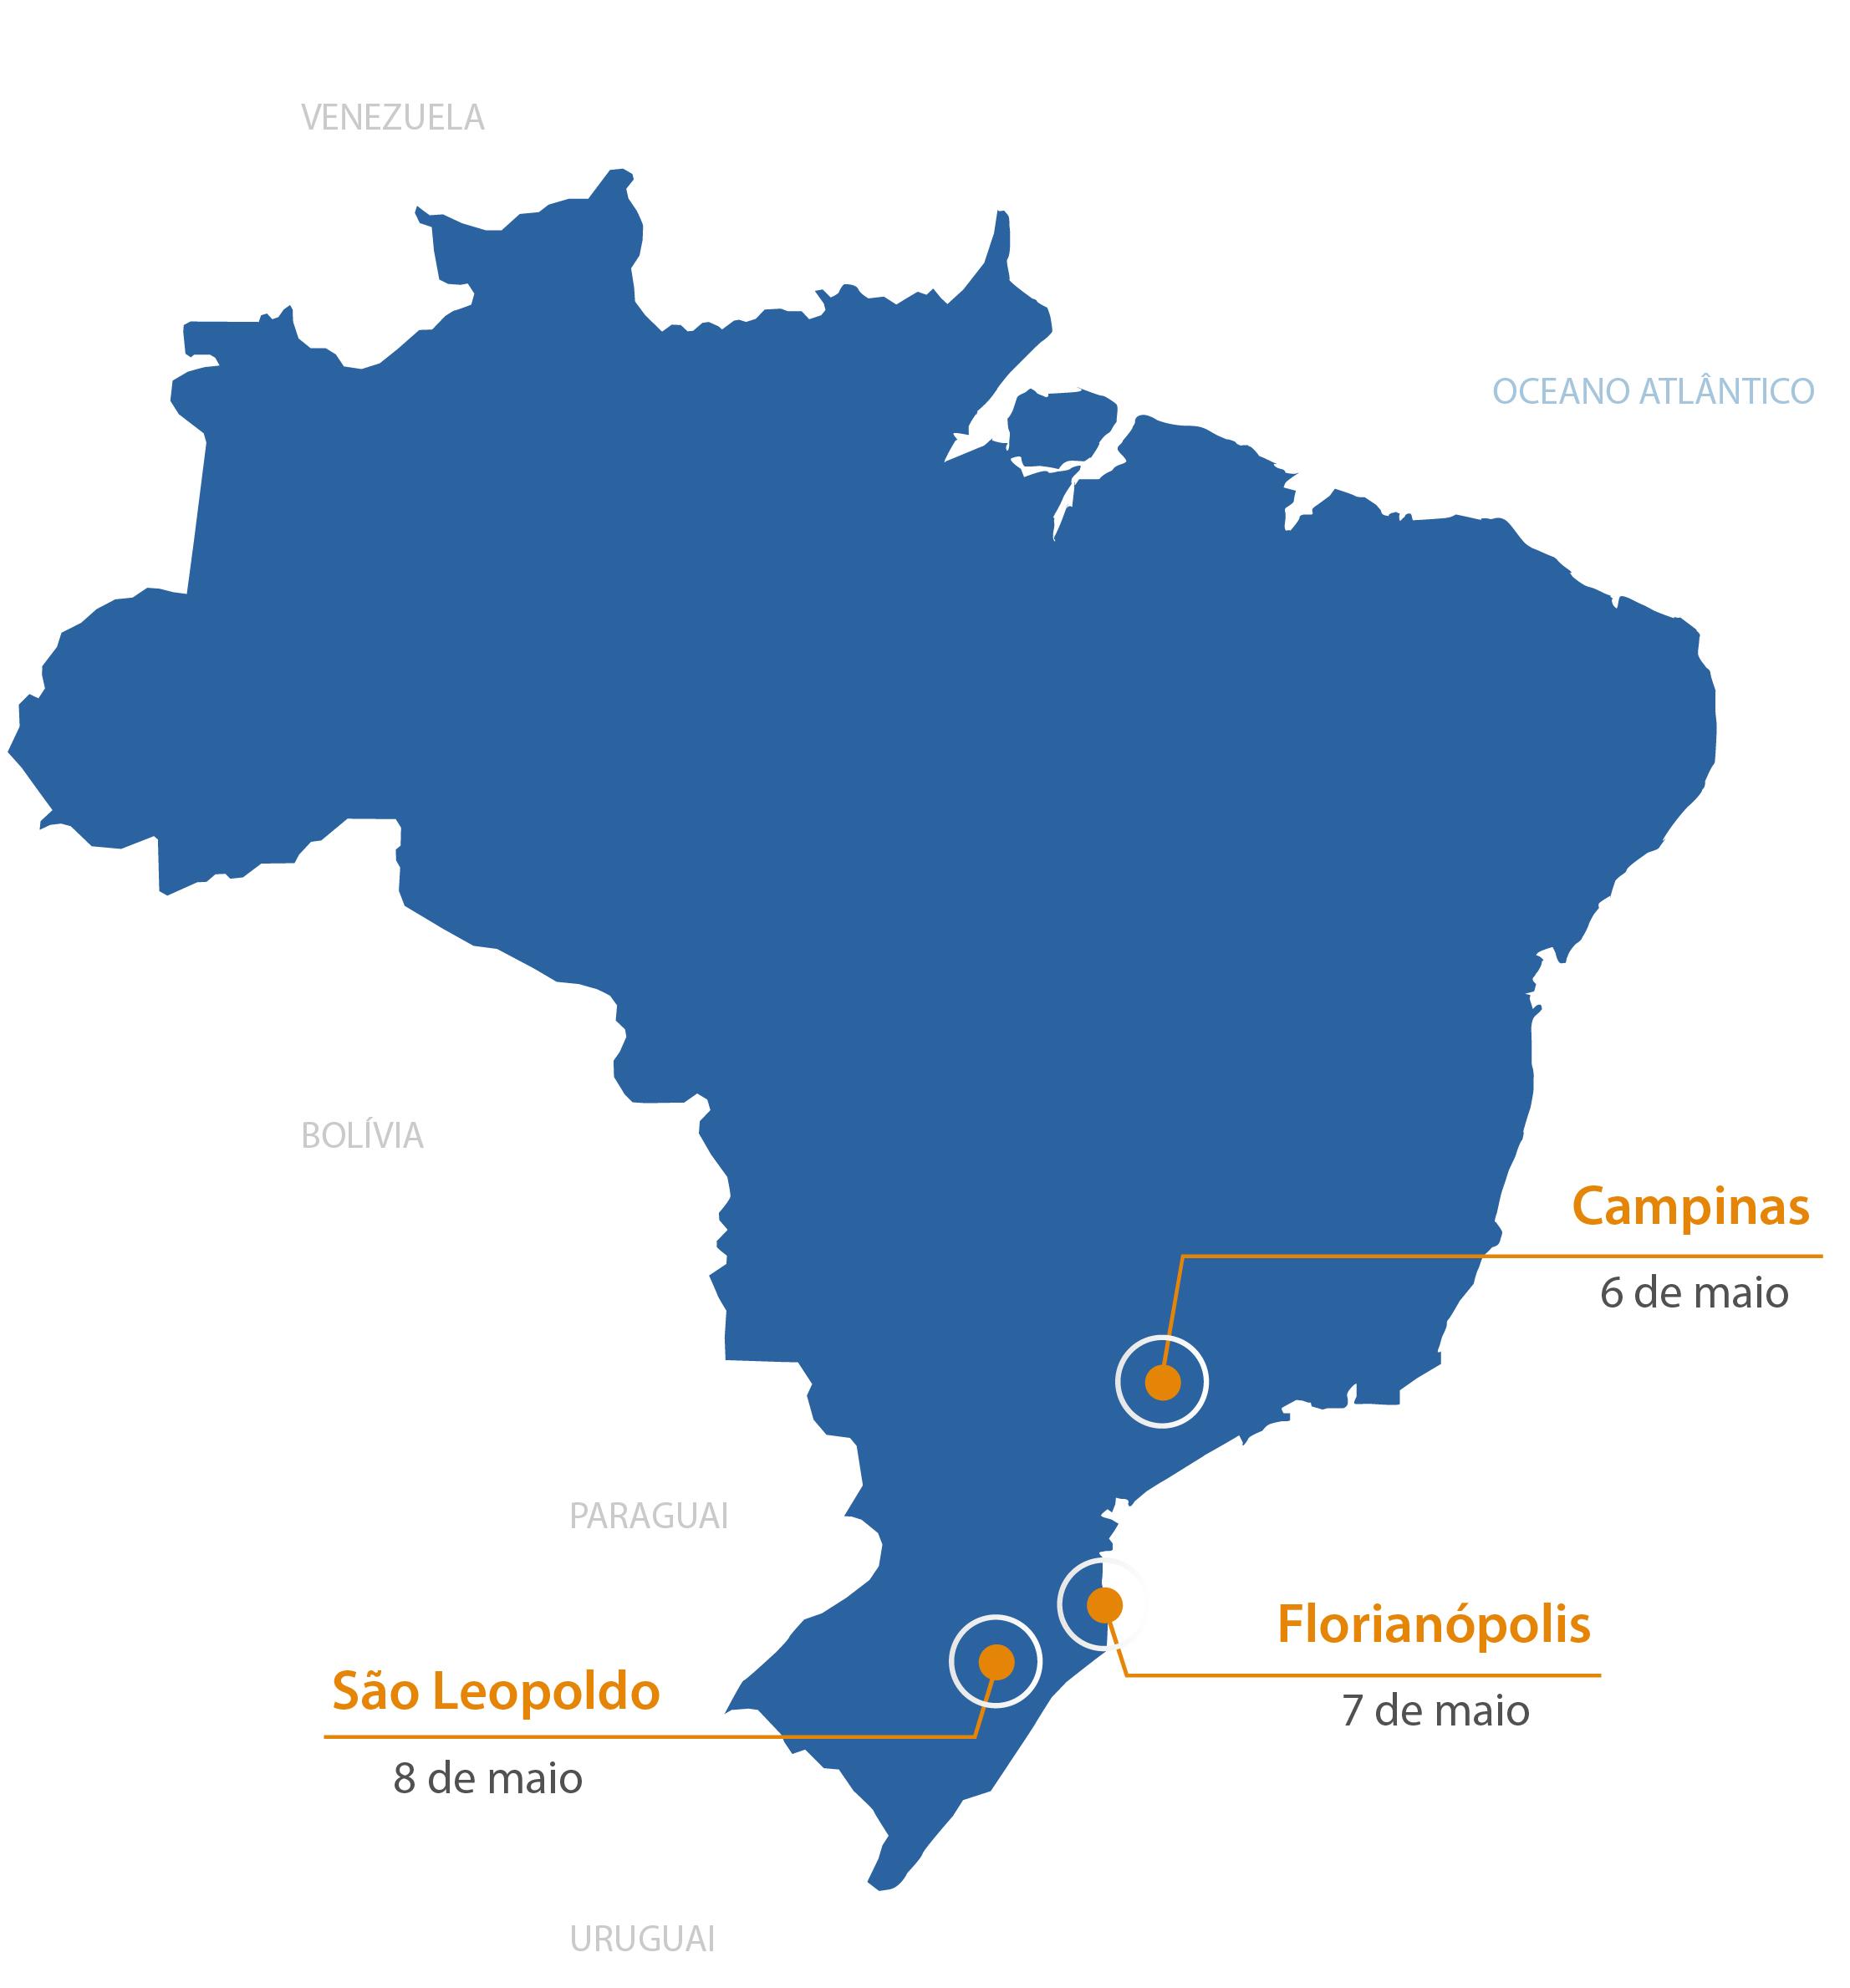 Mapa do Brasil apontando as datas e locais das imersões